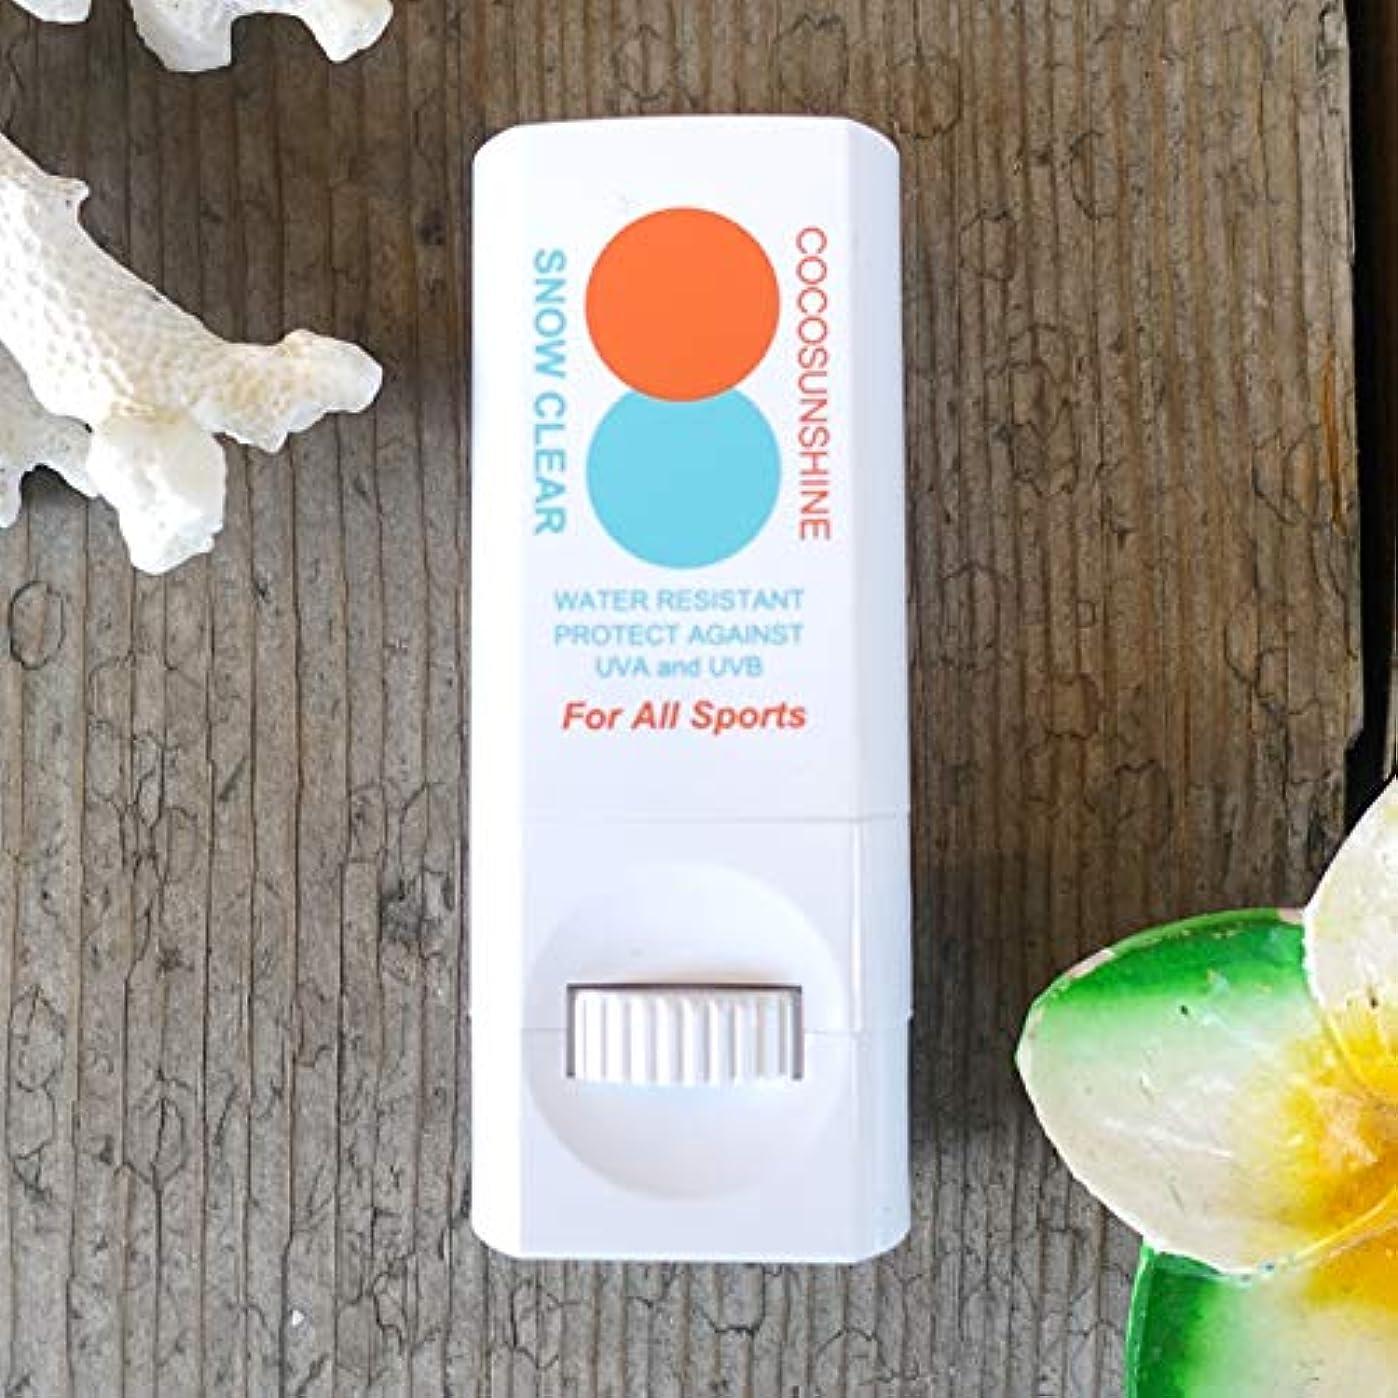 Snipe Sports Cosmetic(スナイプ スポーツ コスメティック) COCO SUNSHINE ココサンシャイン 固形 日焼け止め スティック 練り出しタイプ UVプロテクト SPF30 PA++ スノークリア